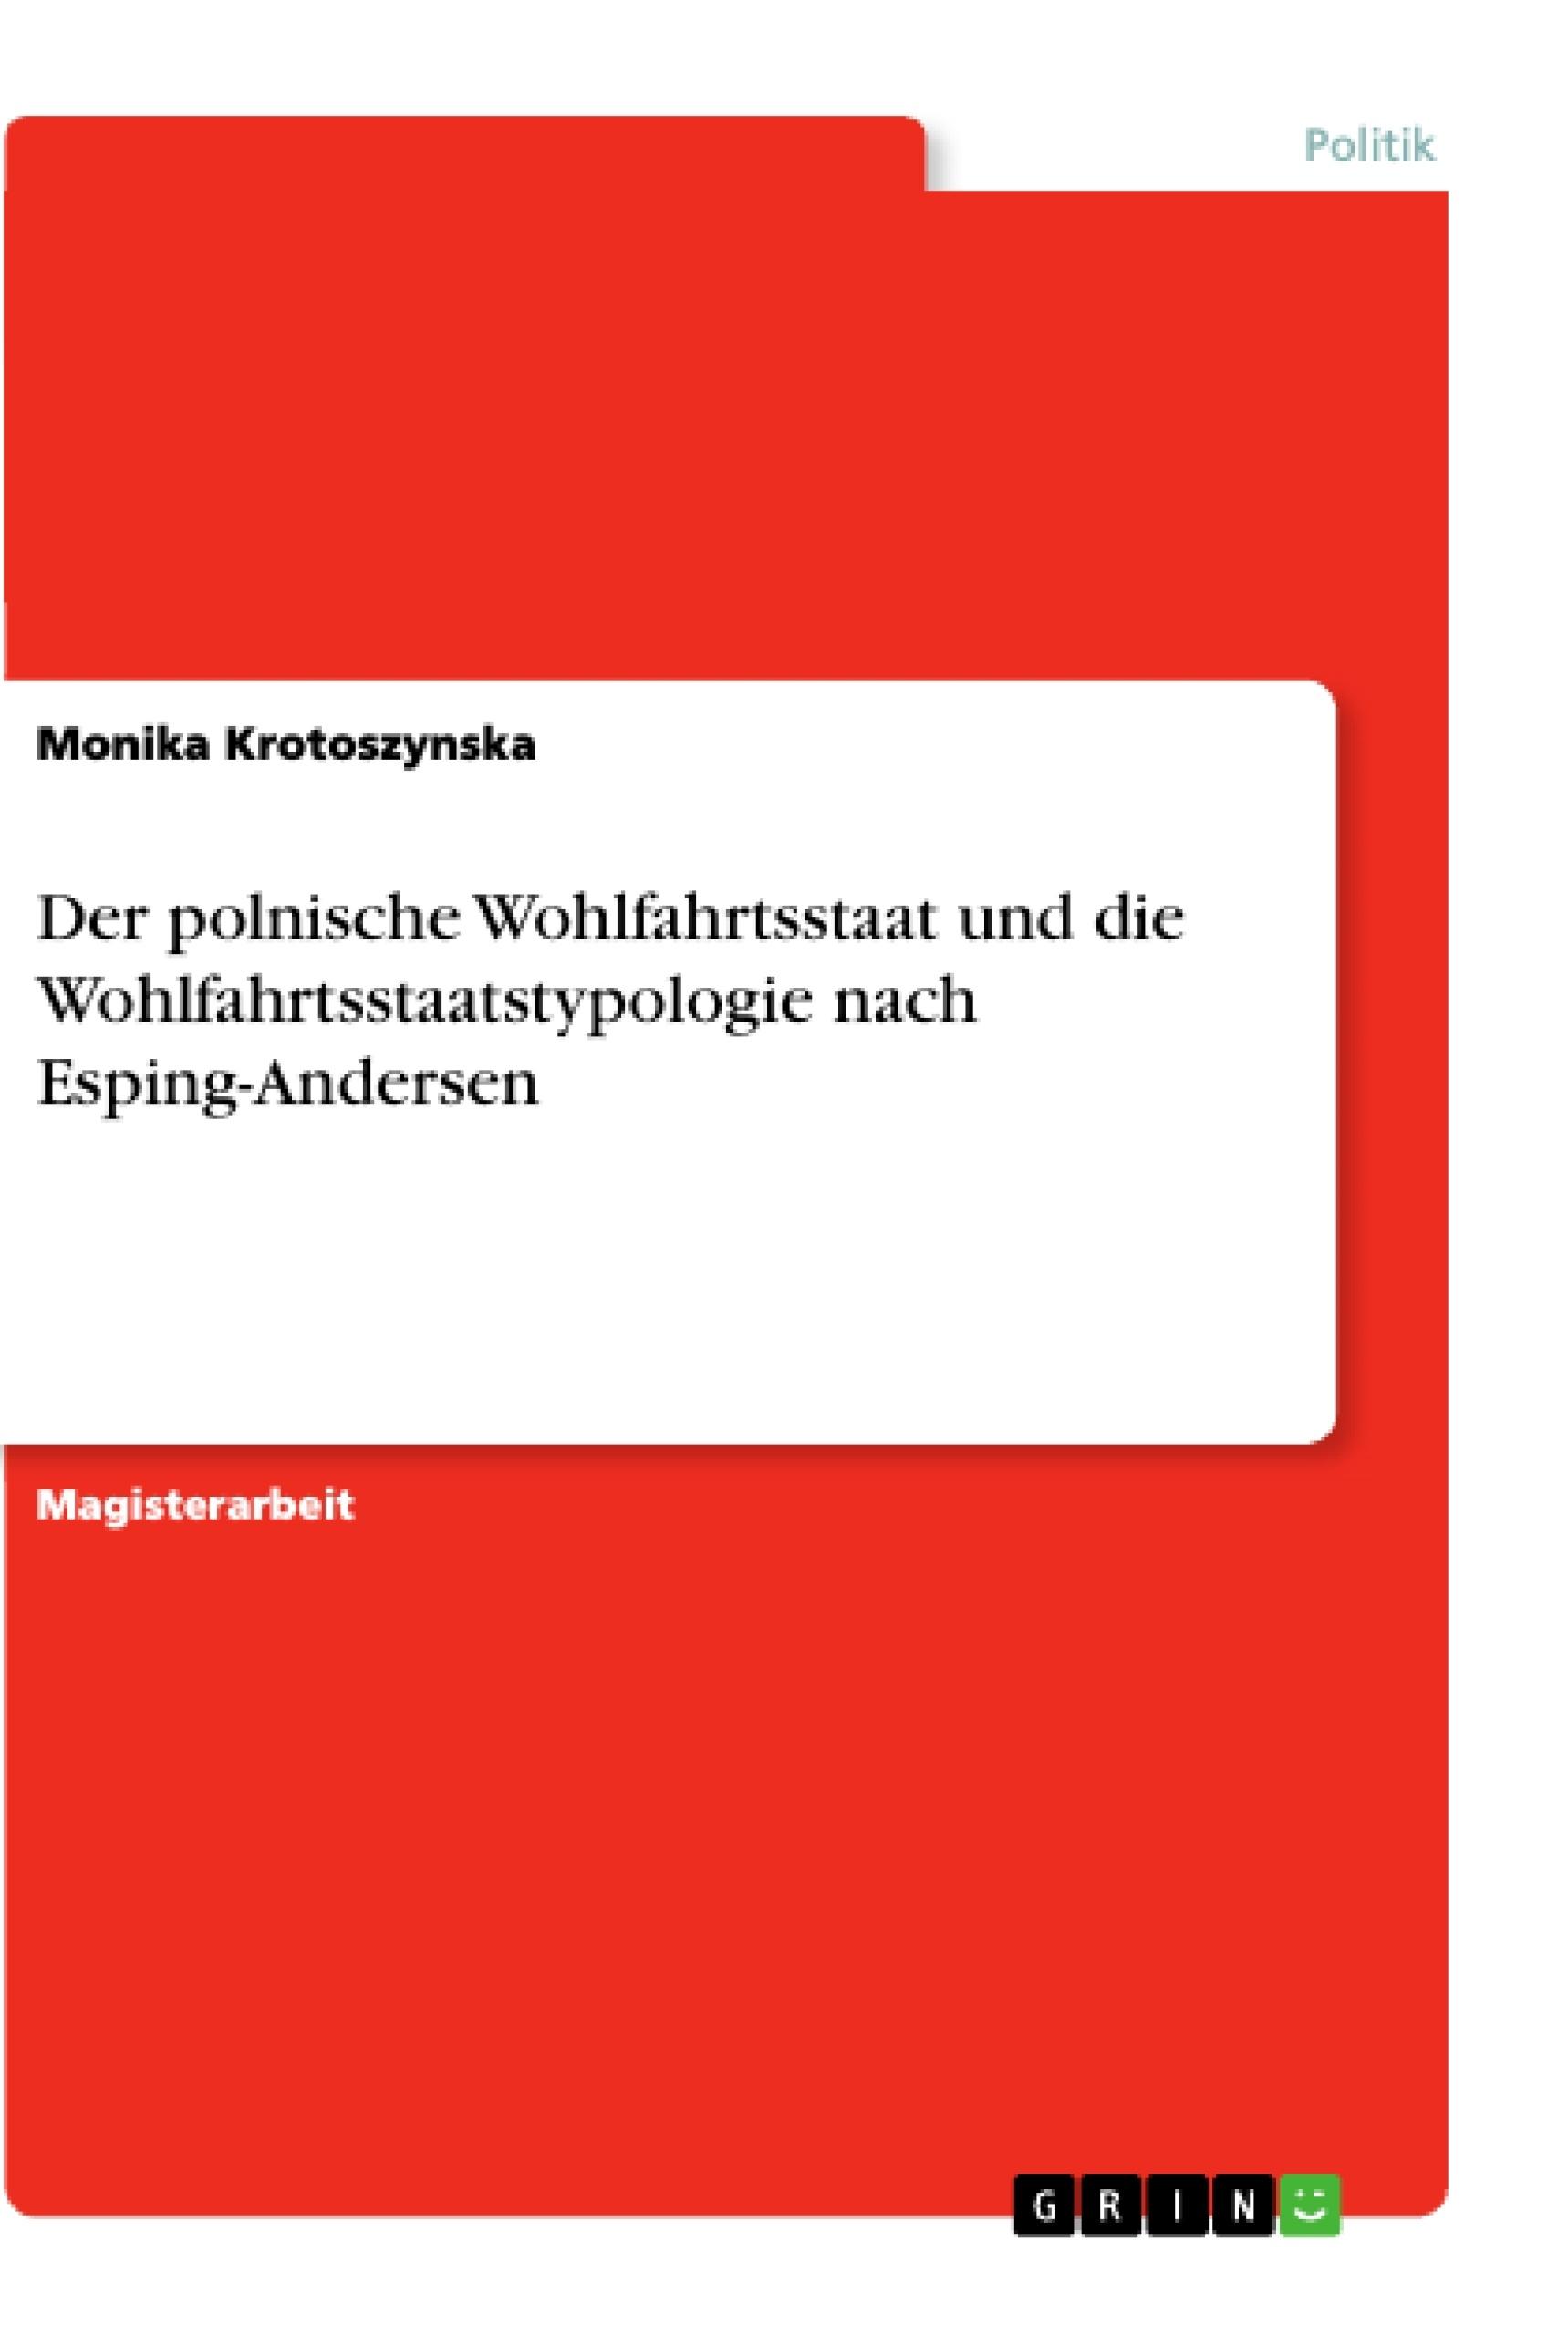 Titel: Der polnische Wohlfahrtsstaat und die Wohlfahrtsstaatstypologie nach Esping-Andersen